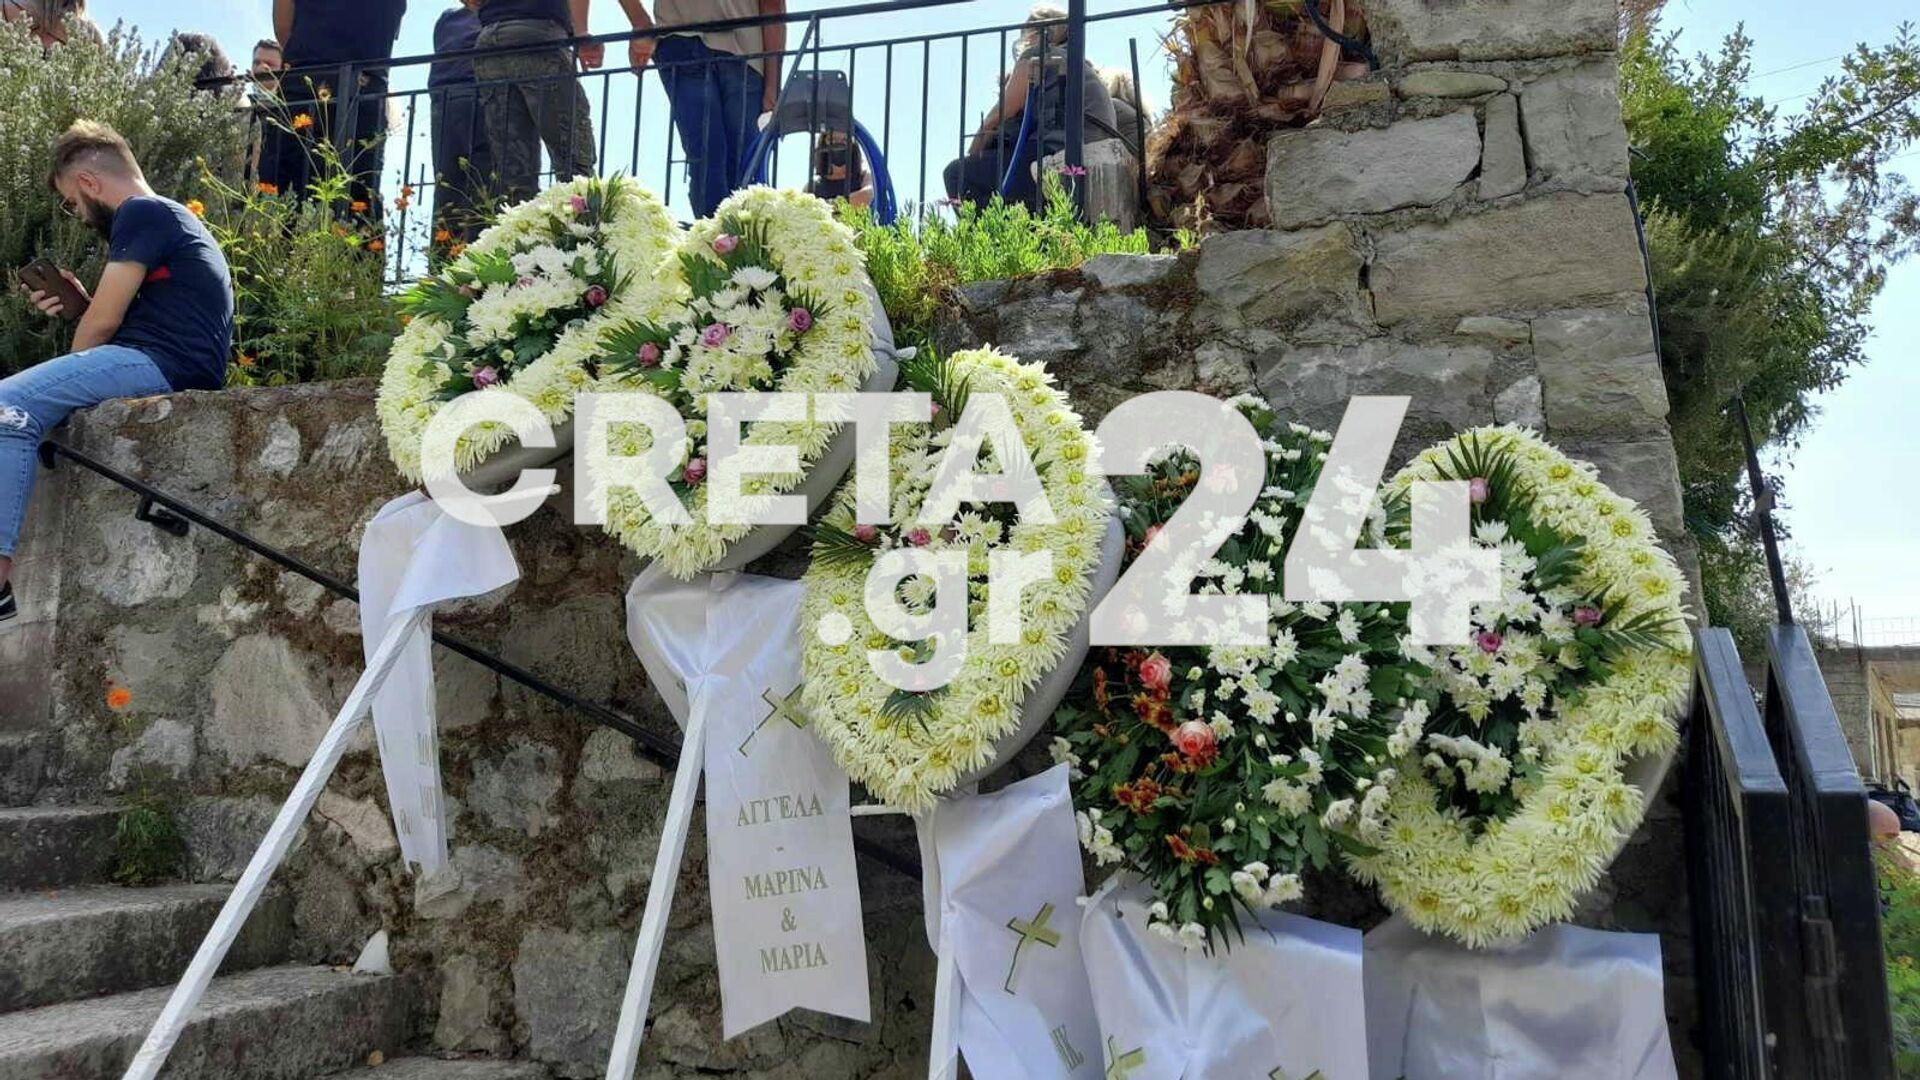 Εικόνες από την κηδεία του 62χρονου θύματος του σεισμού στην Κρήτη - Sputnik Ελλάδα, 1920, 28.09.2021